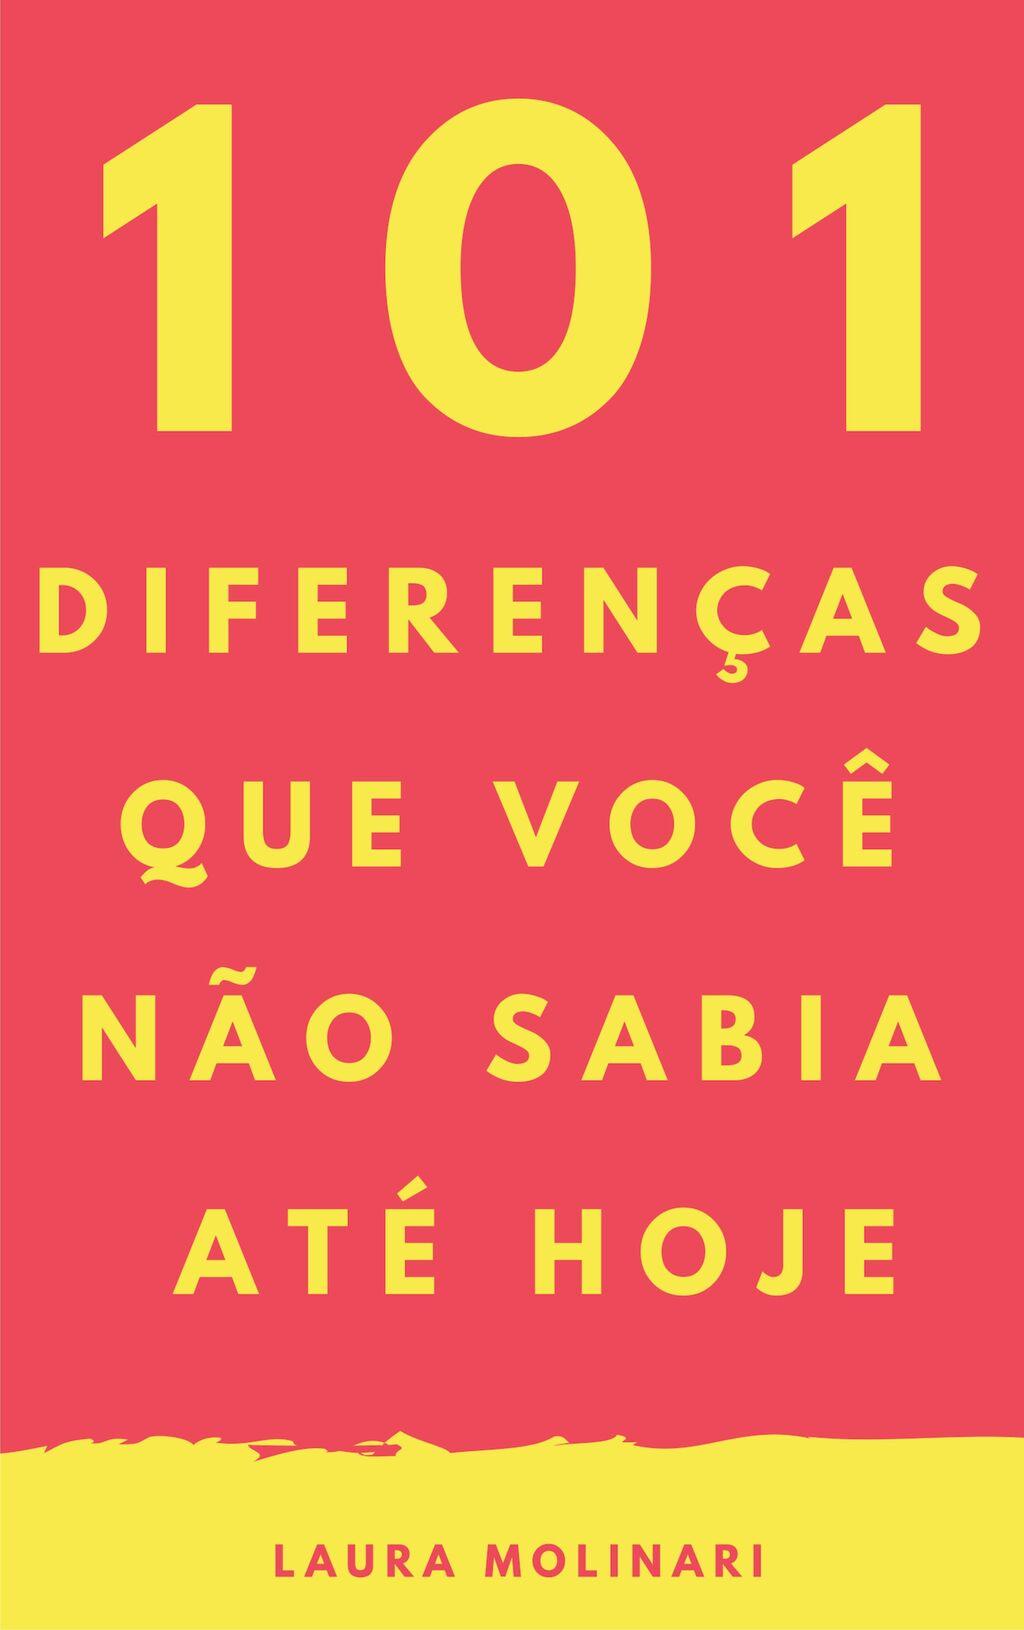 101 diferenças que você não sabia até hoje